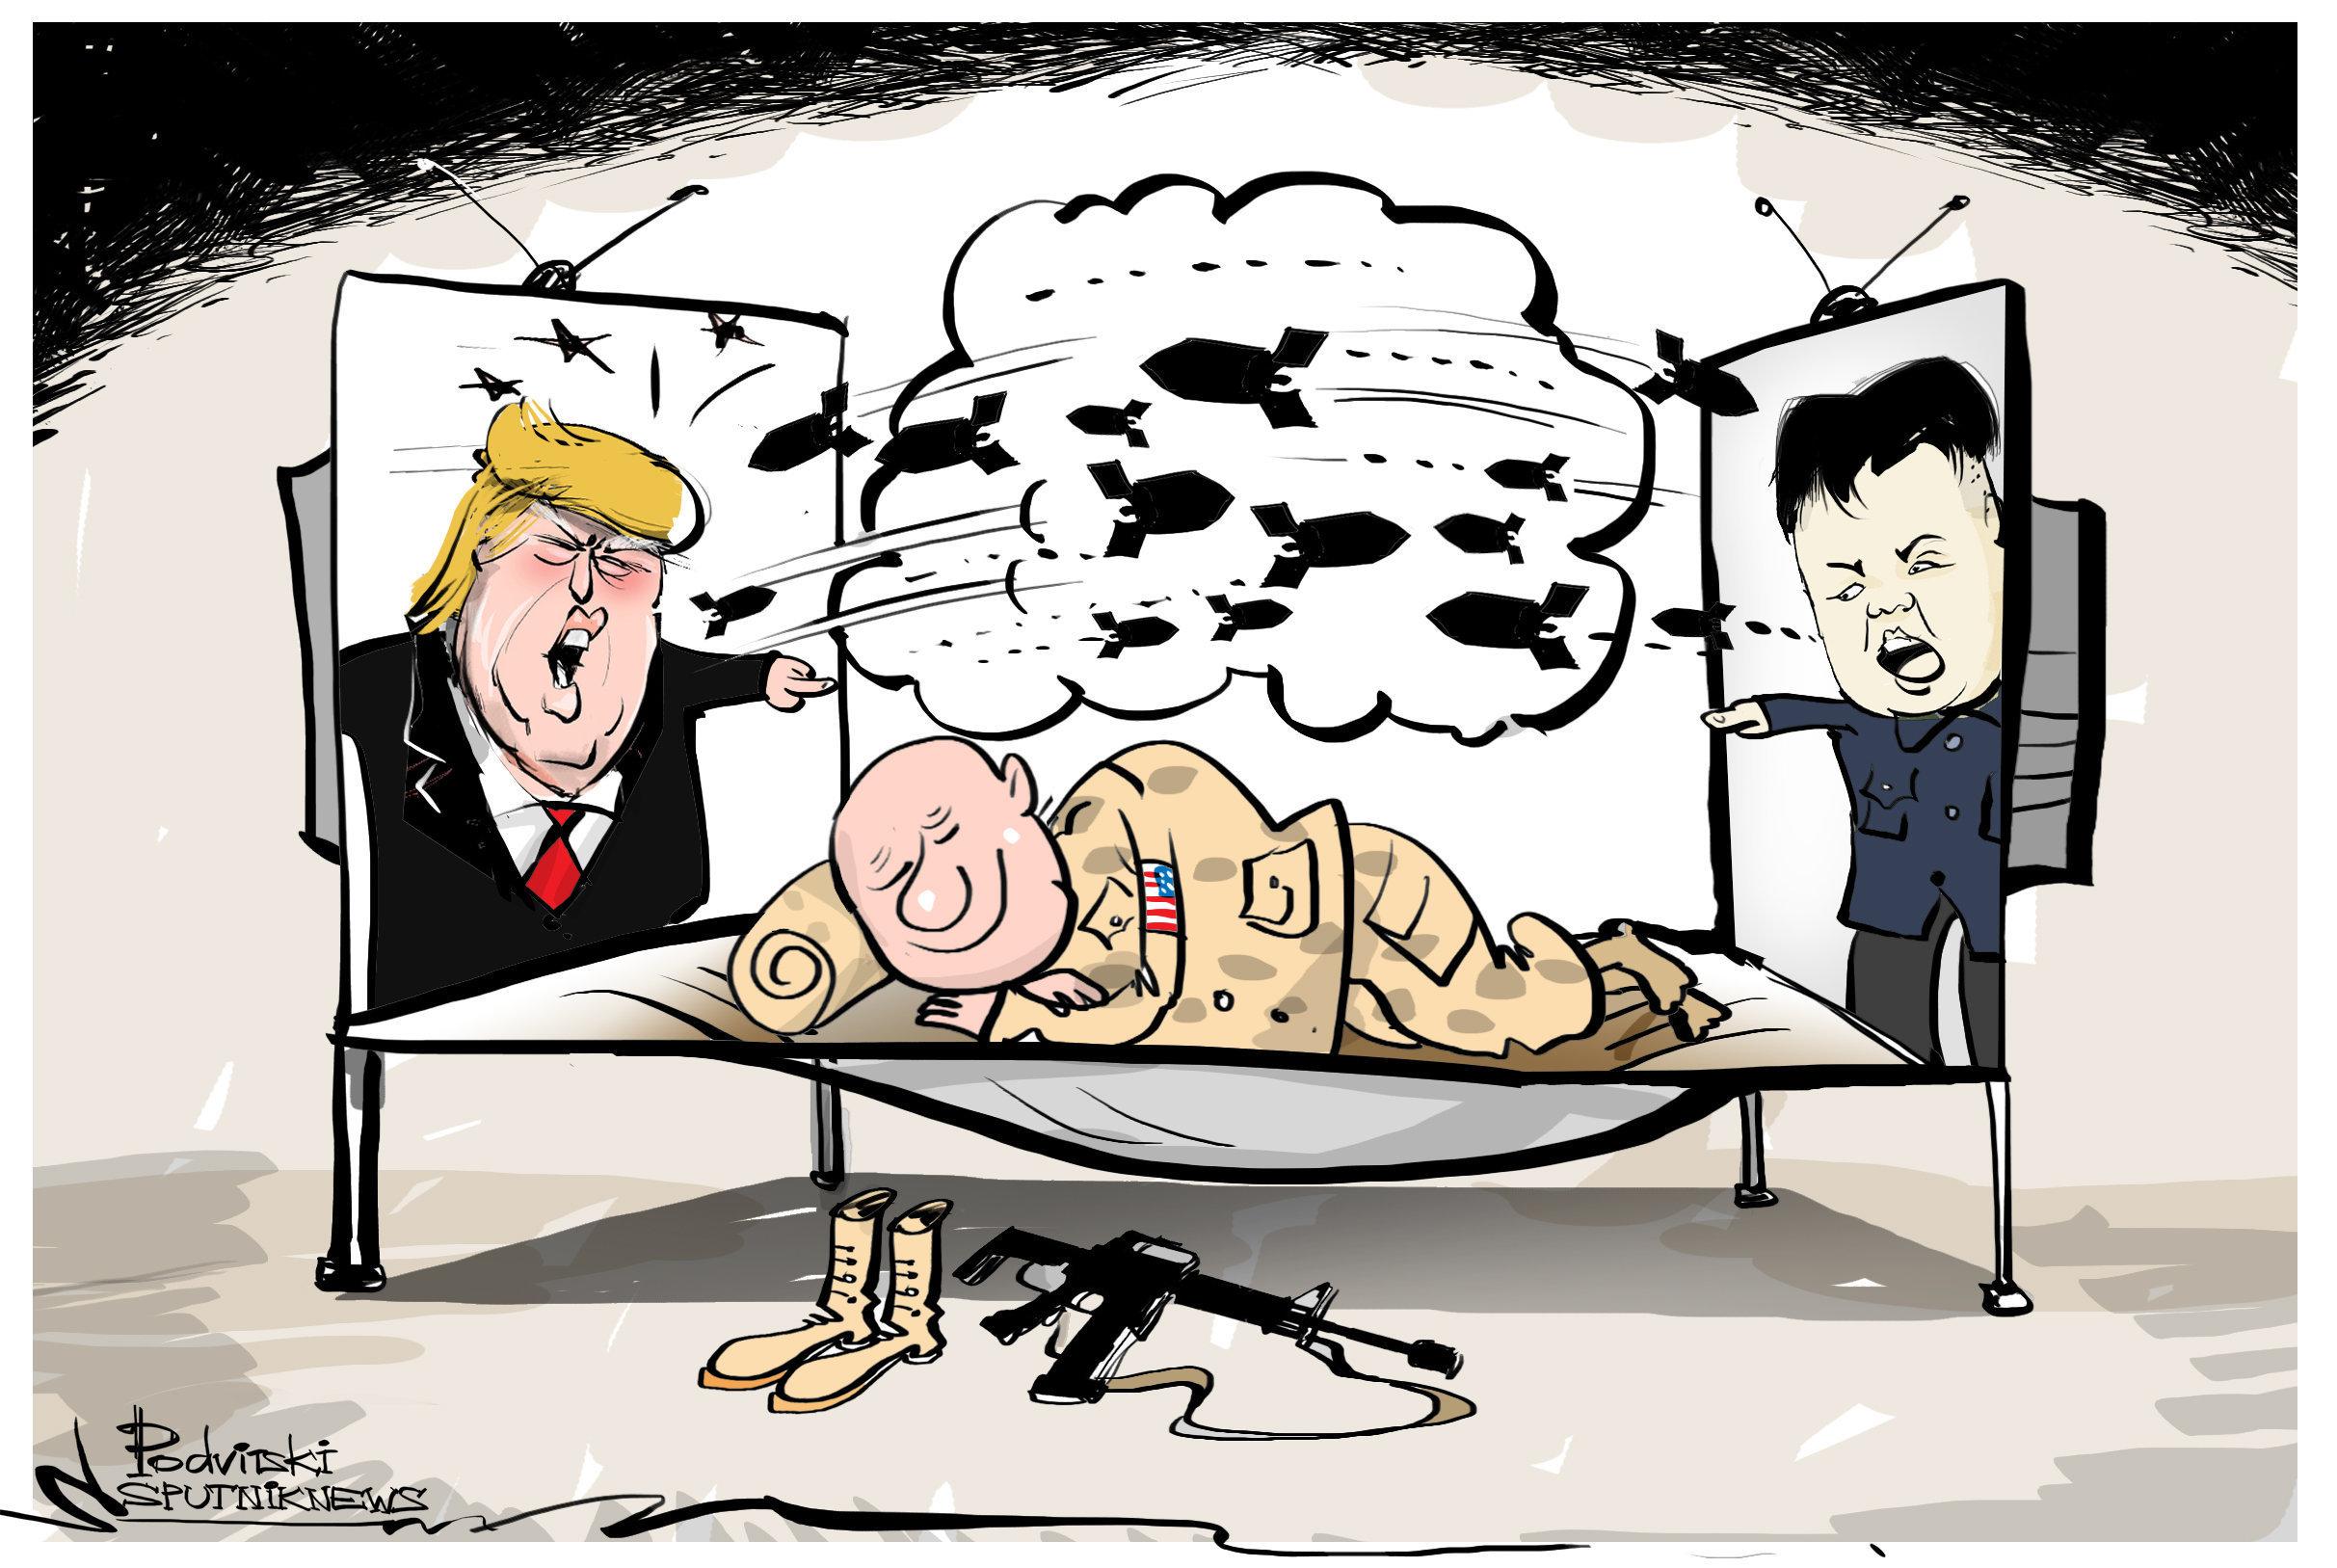 ¿Empieza mañana la guerra entre EEUU y Corea del Norte? ¡No me digas!